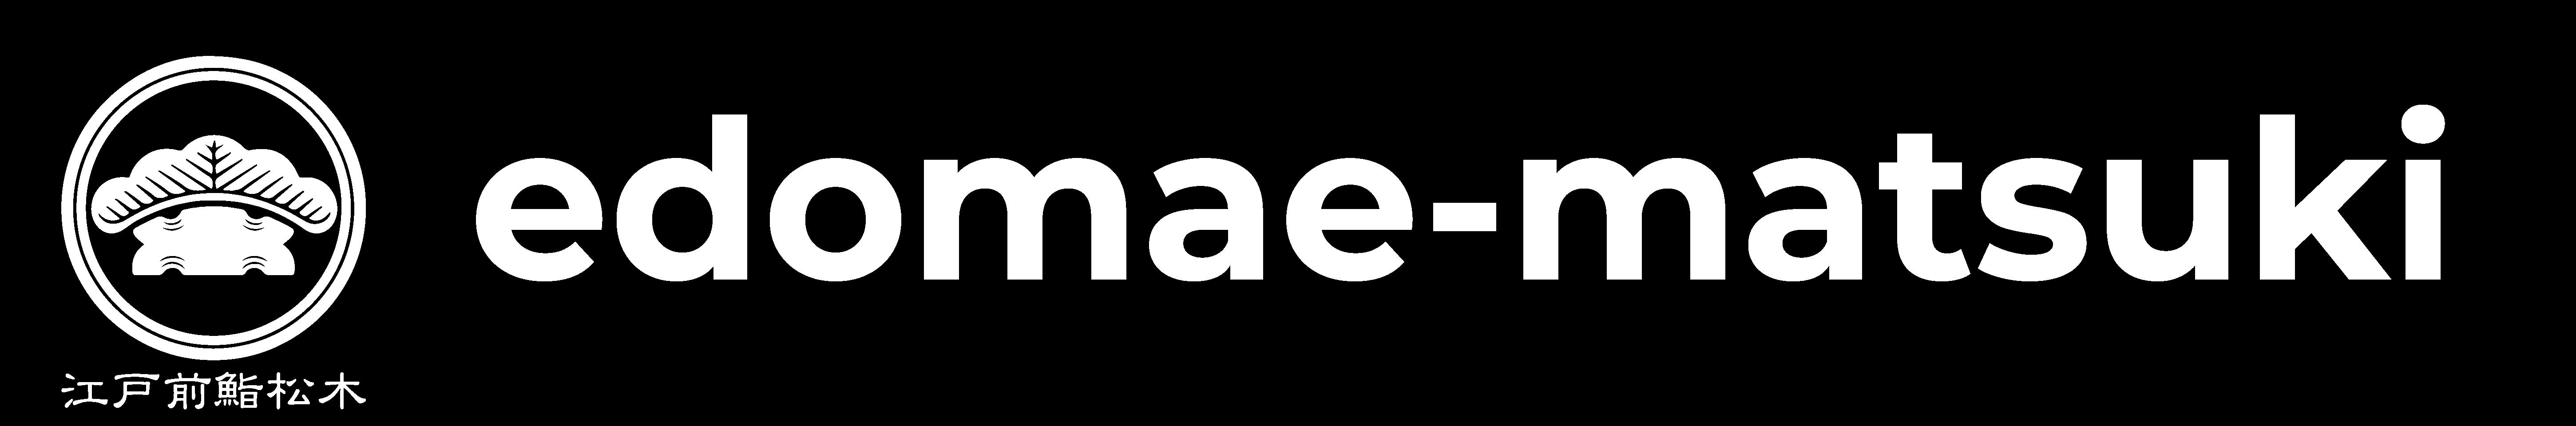 edomae-matsuki